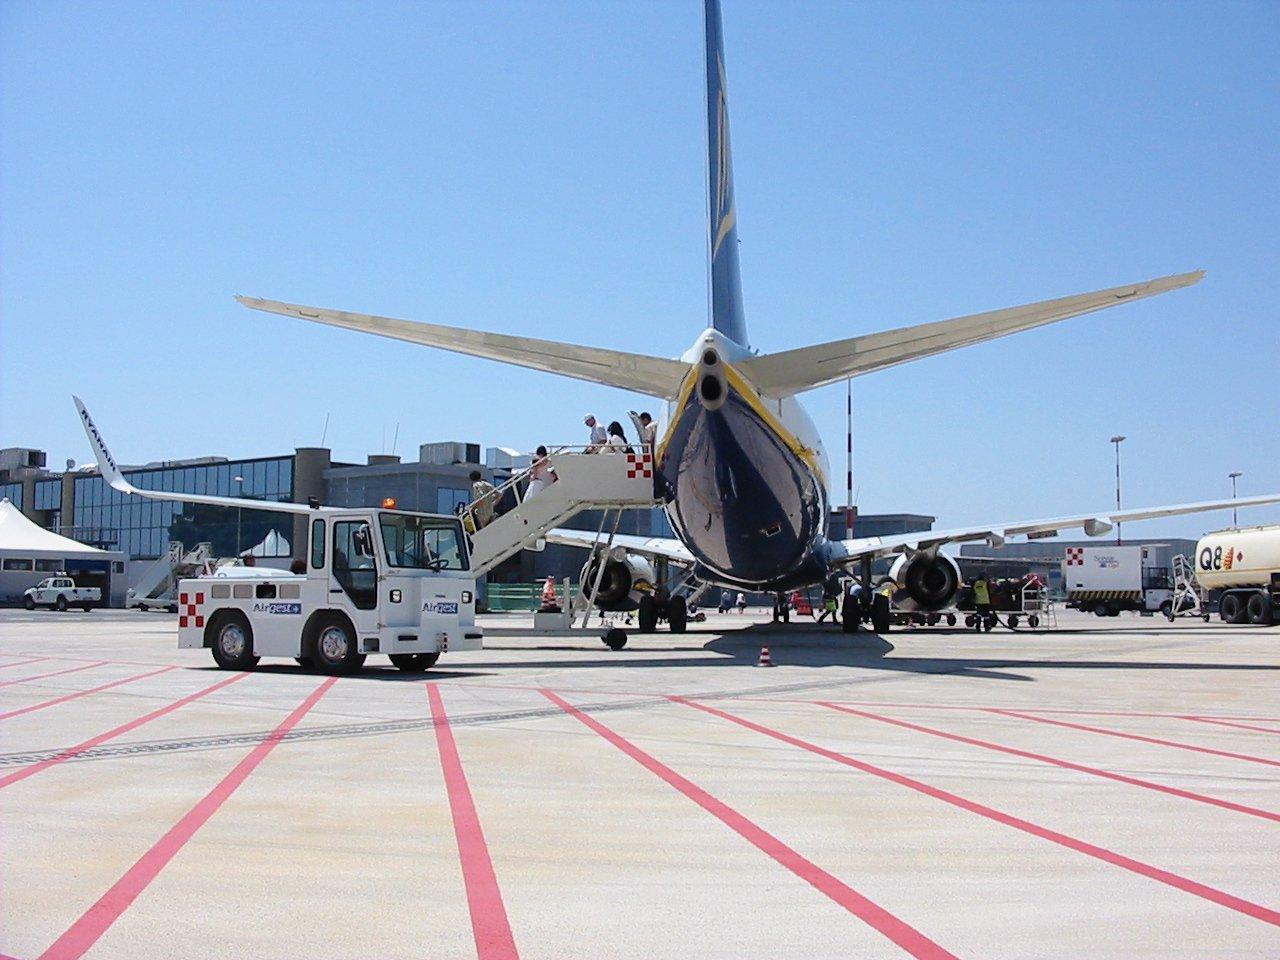 Aeroporti di Birgi e Comiso, sbloccati fondi per nuovi voli: la Regione stanzia oltre 12 milioni